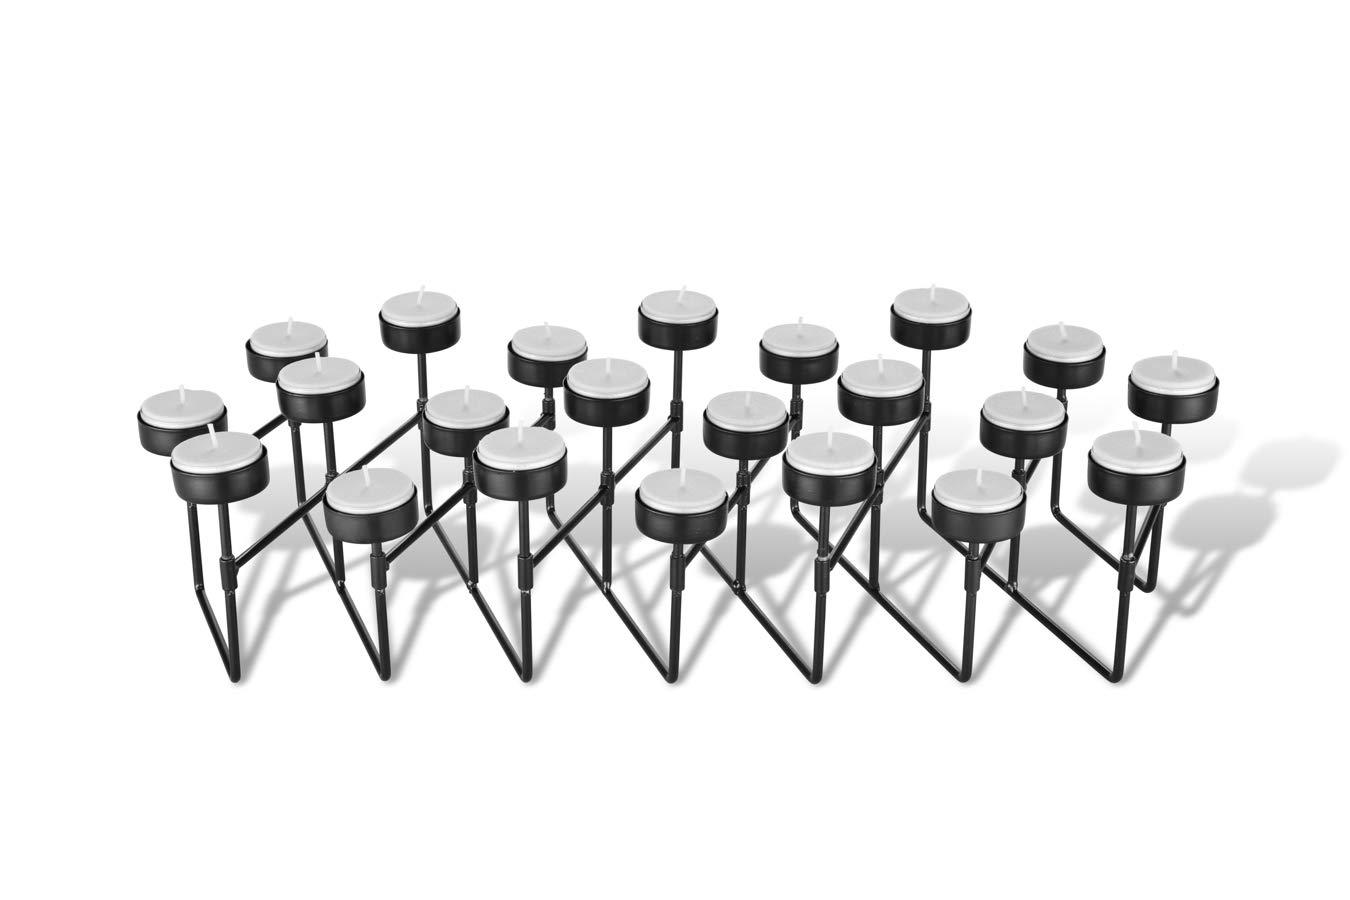 Chambre Bougeoir pour 22 ou 10 Bougies Porte Bougie Chauffe Plat pour Salon Chandelier Noir Bougeoir Noir M/étal LIFA LIVING Bougeoir Decoration Table Cuisine